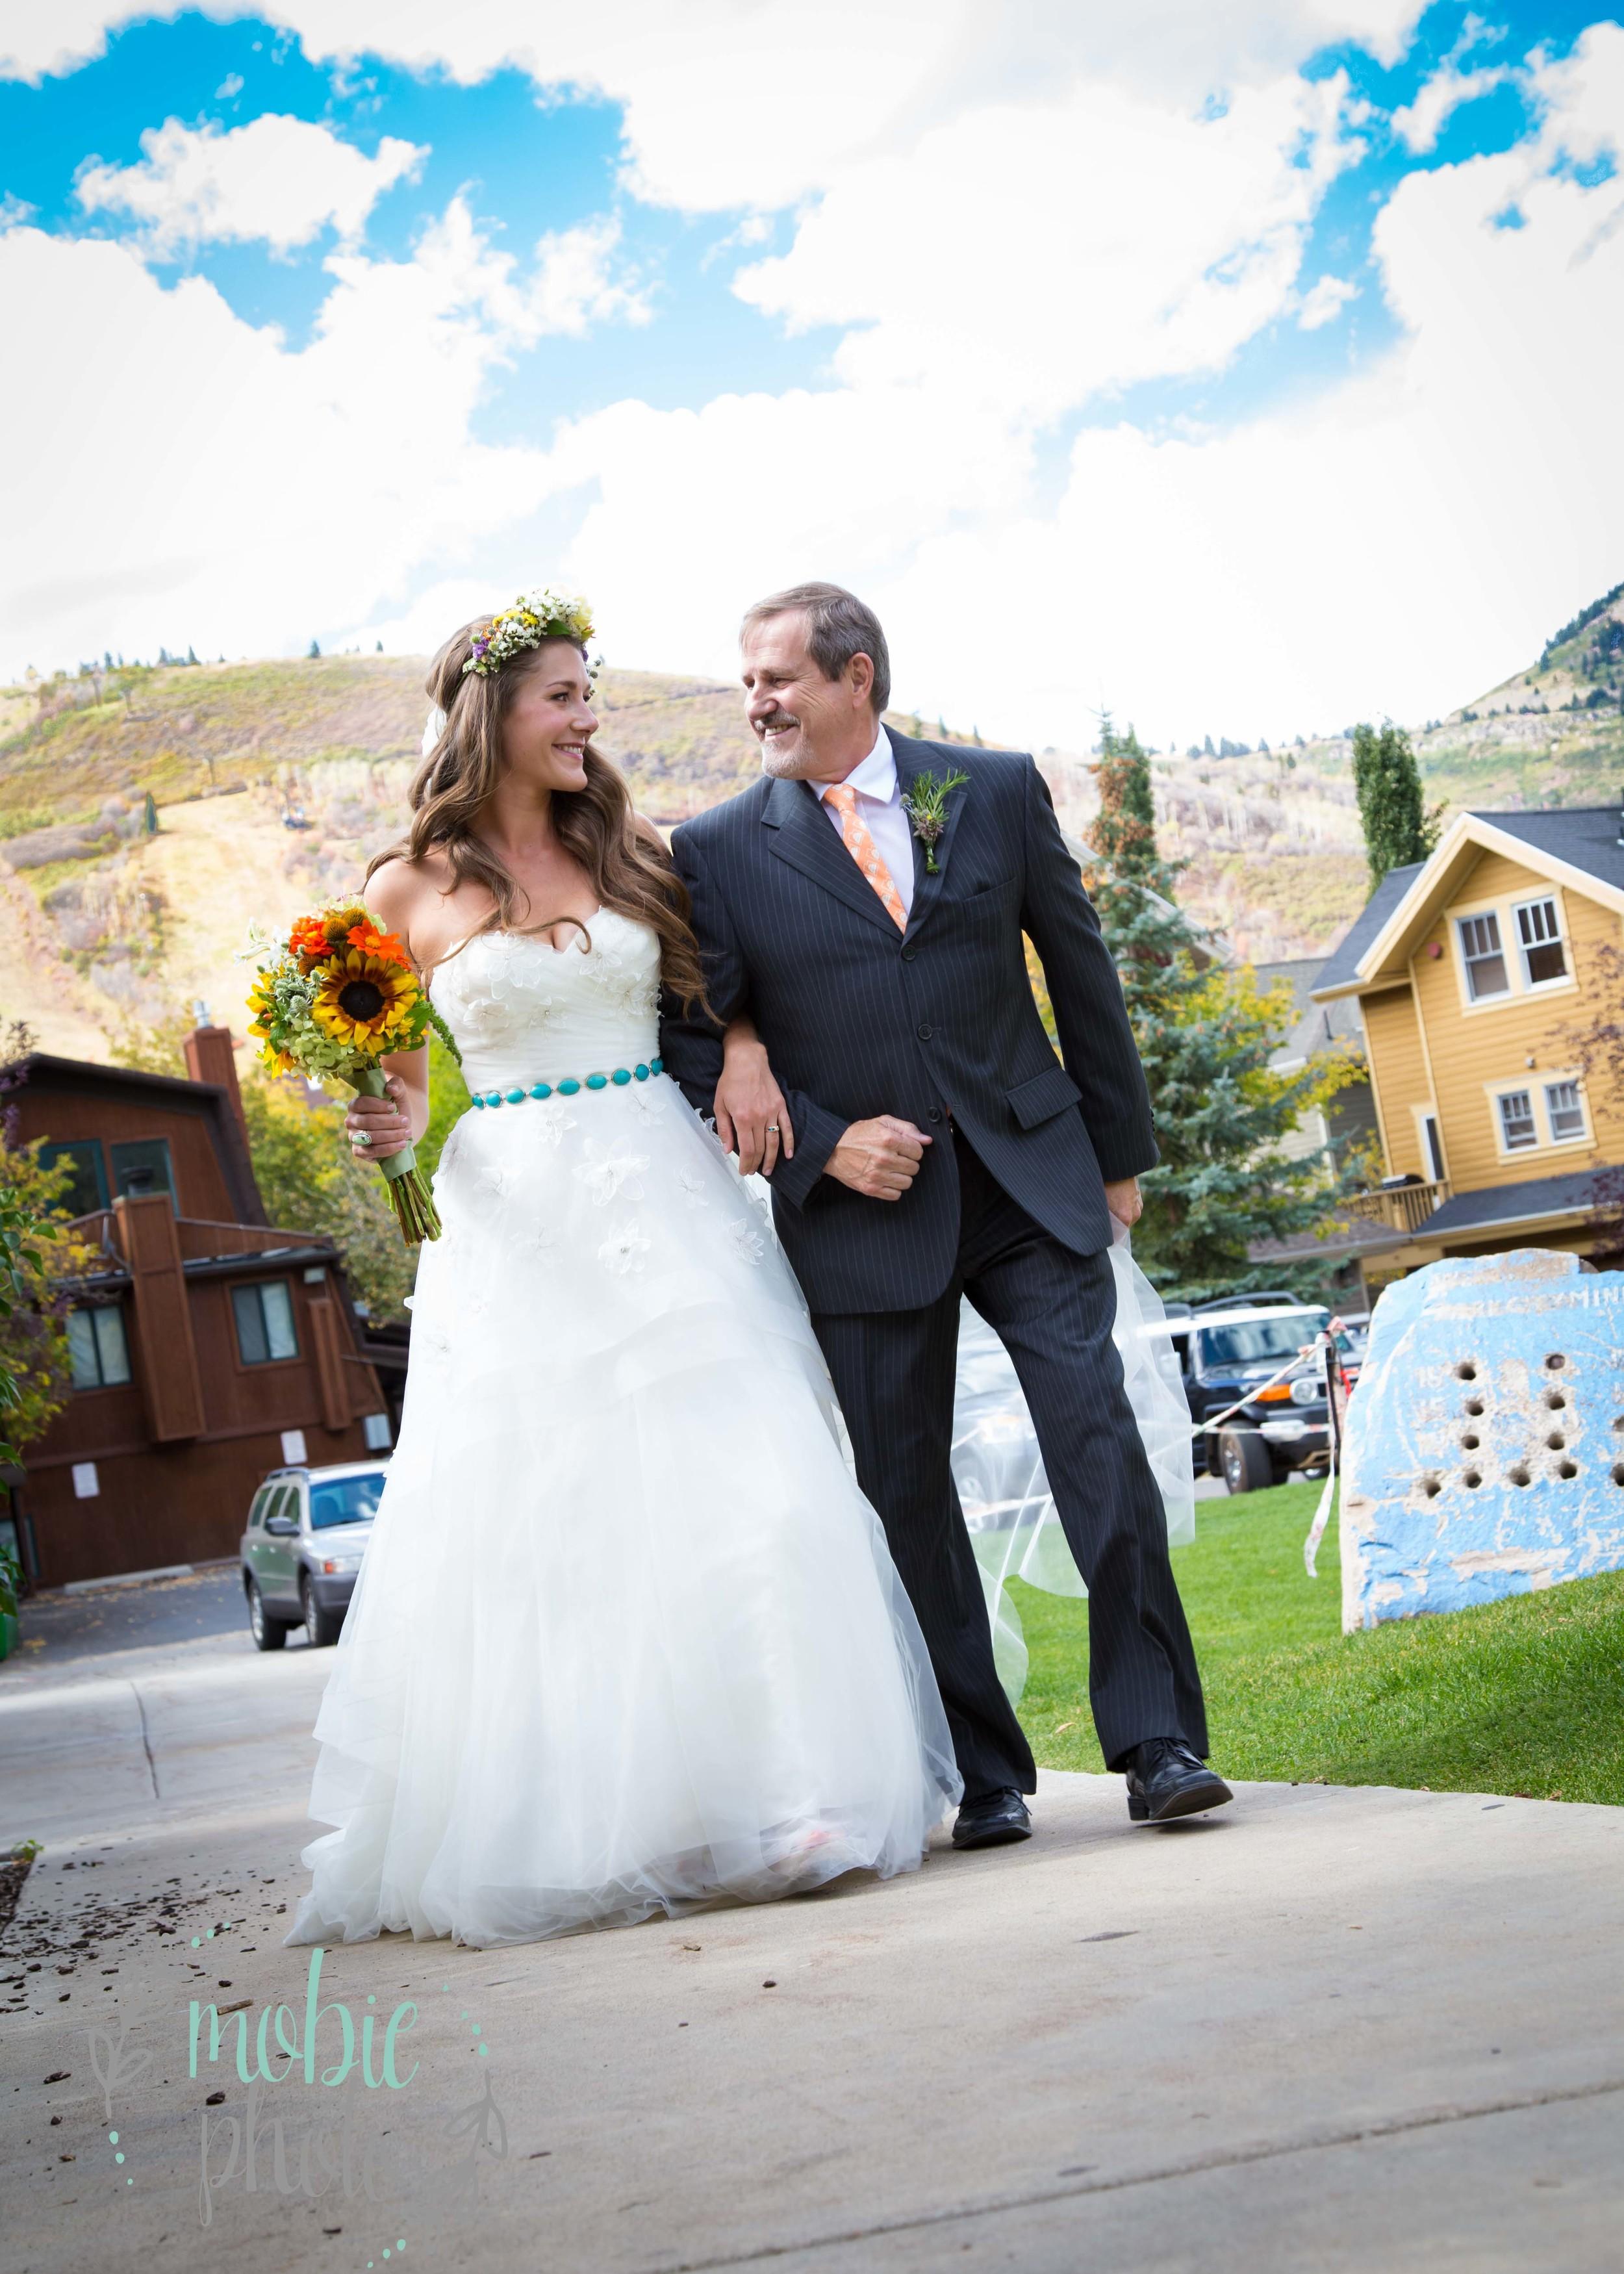 Park City Wedding - Bride with her Dad